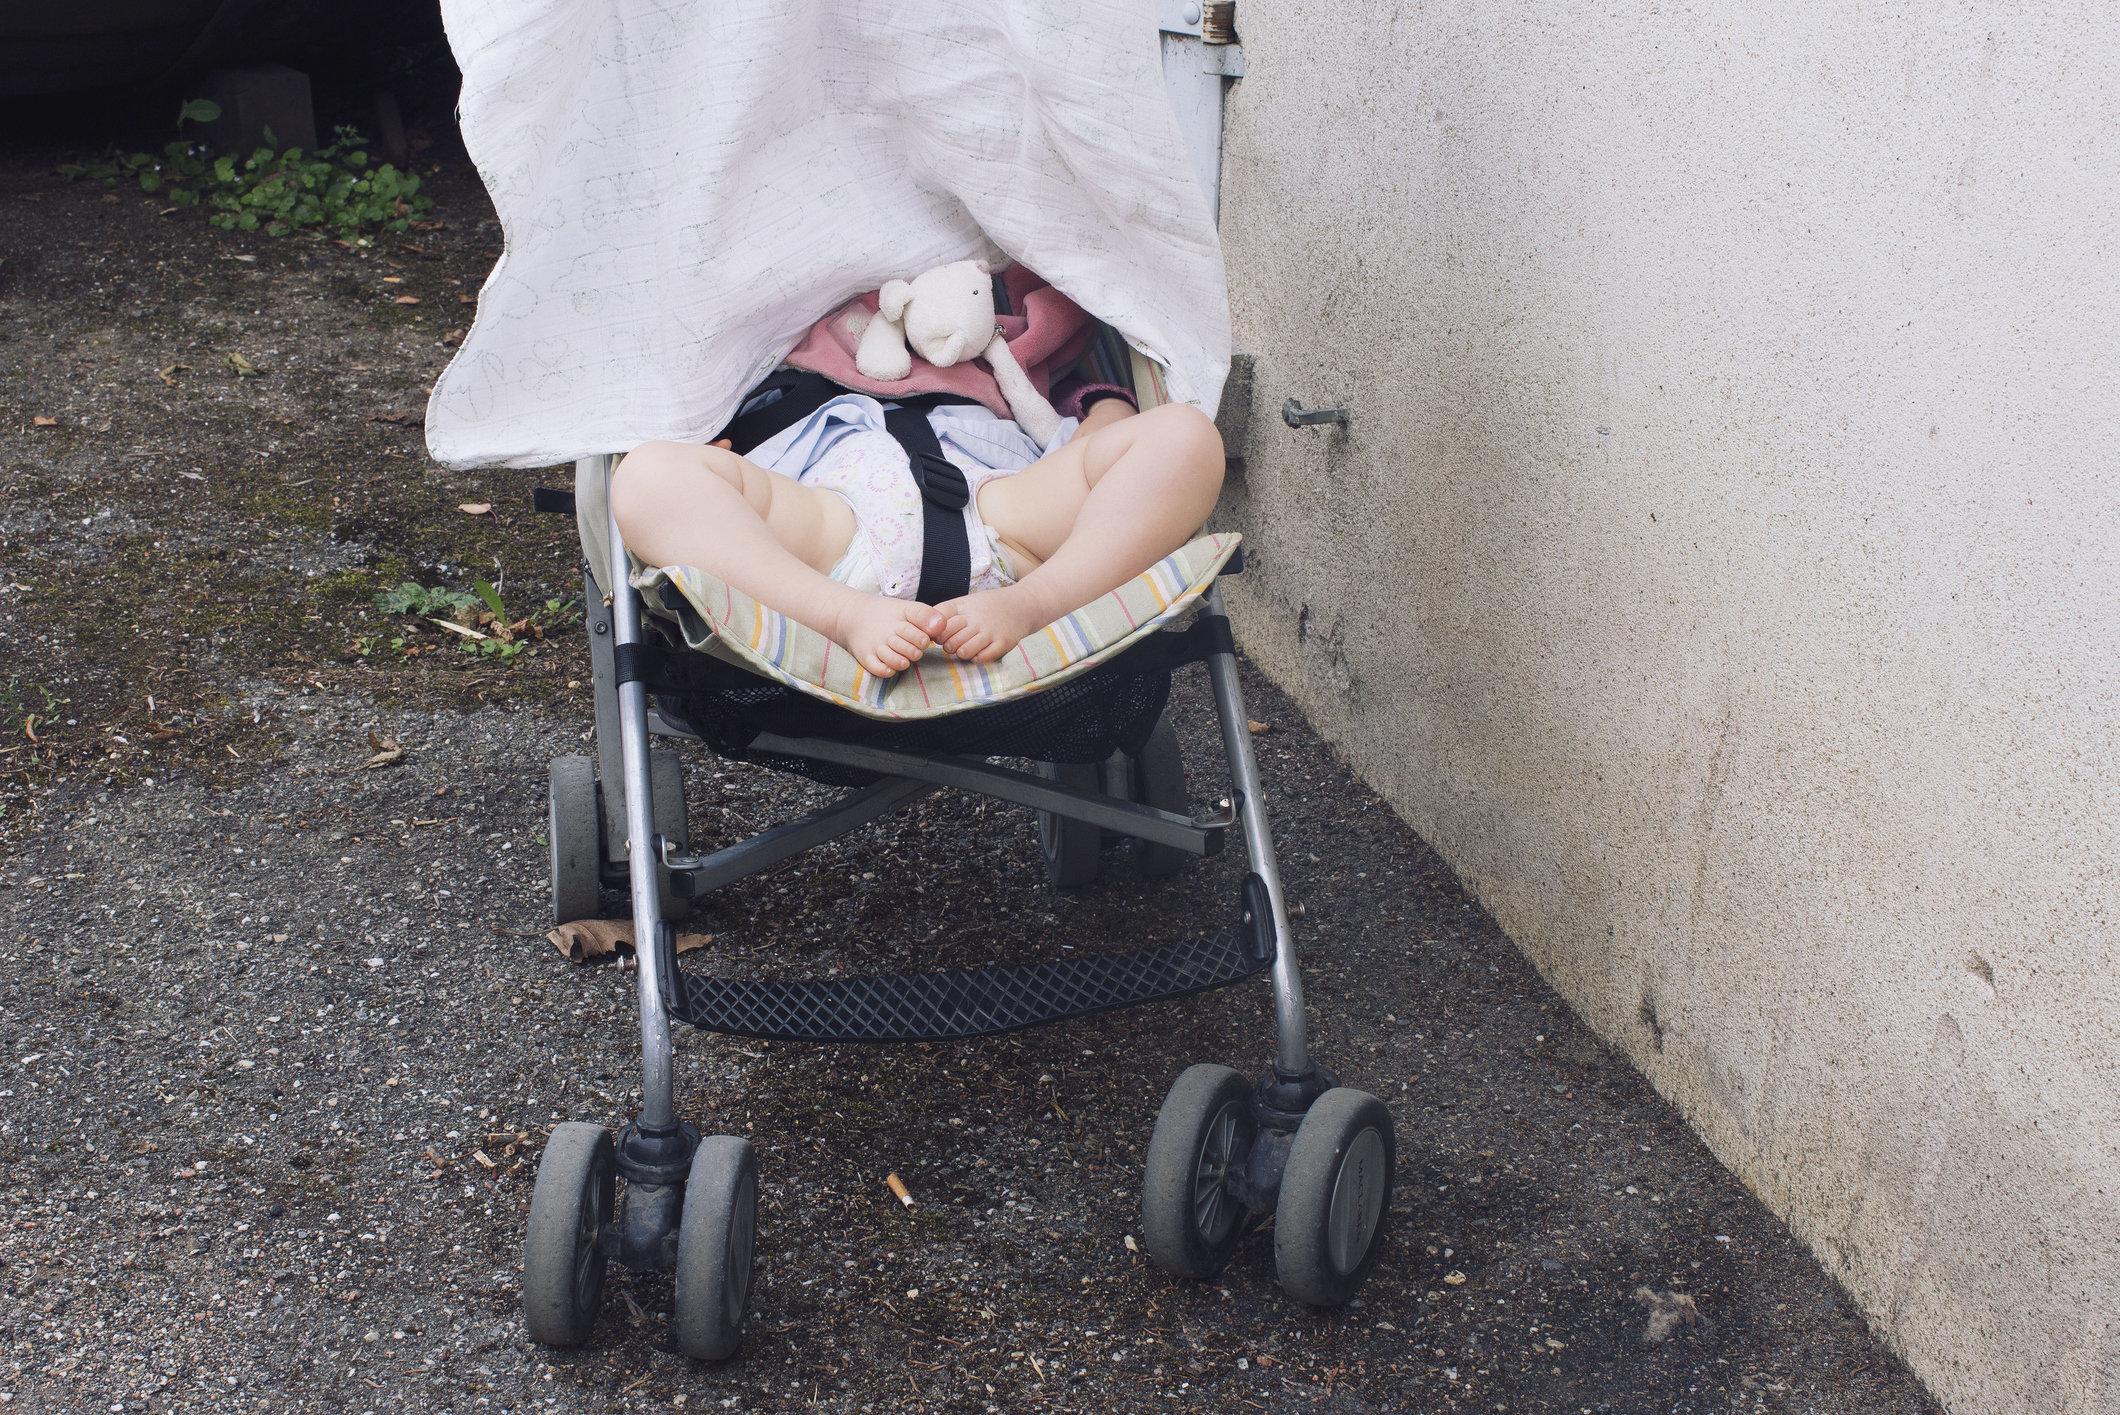 Hitzetod im Kinderwagen: So könnt ihr euer Kind davor schützen